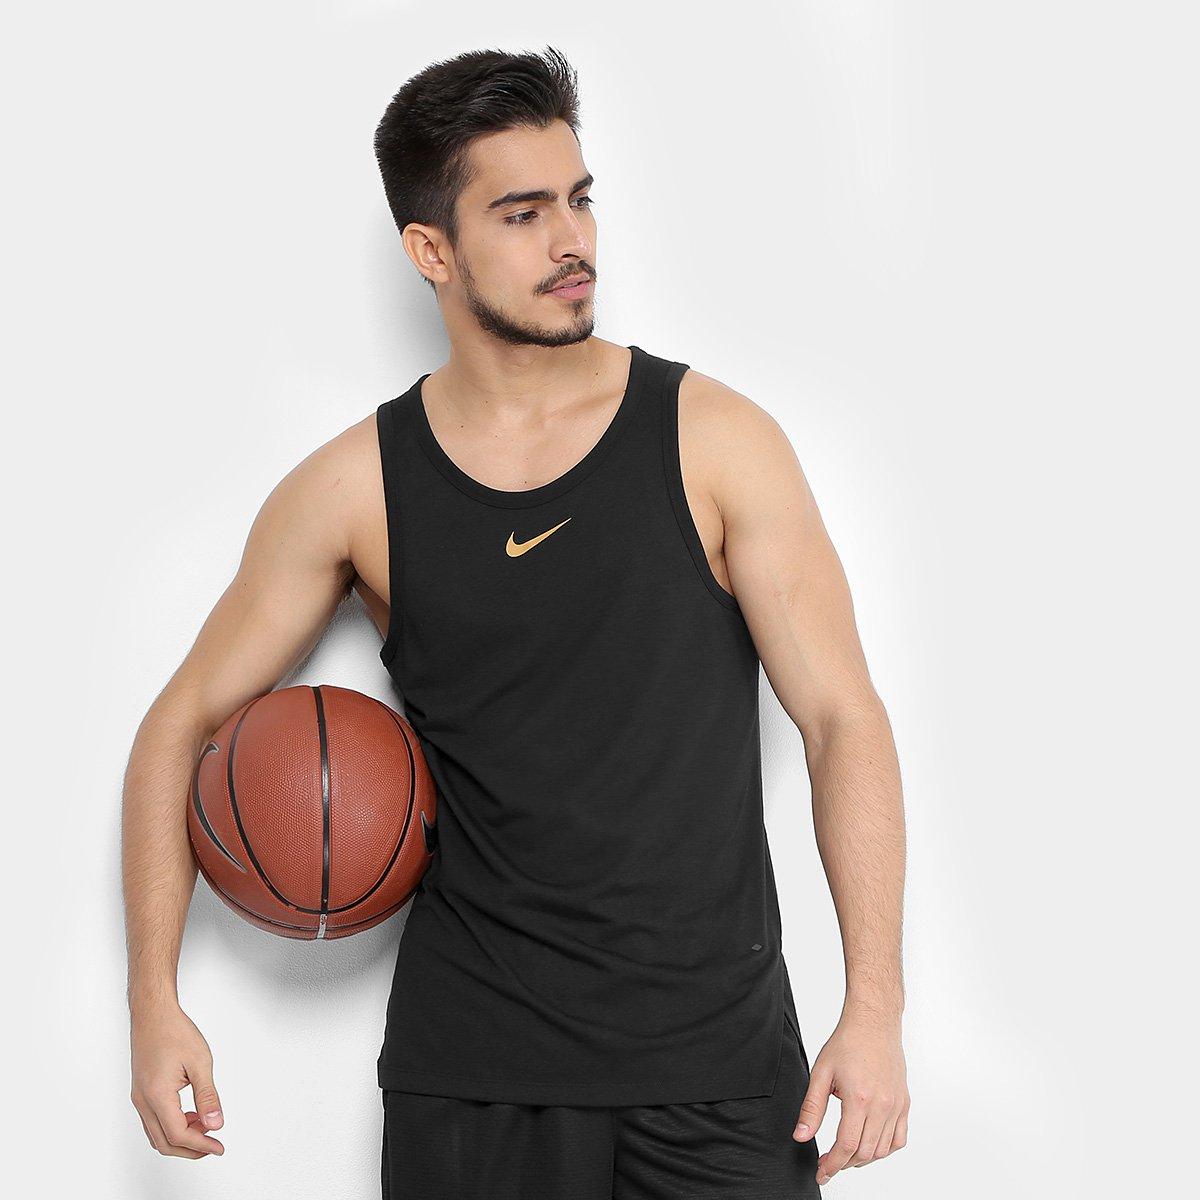 ca4ca4b366 Regata Nike Elite Top Masculina - Preto e Dourado - Compre Agora ...